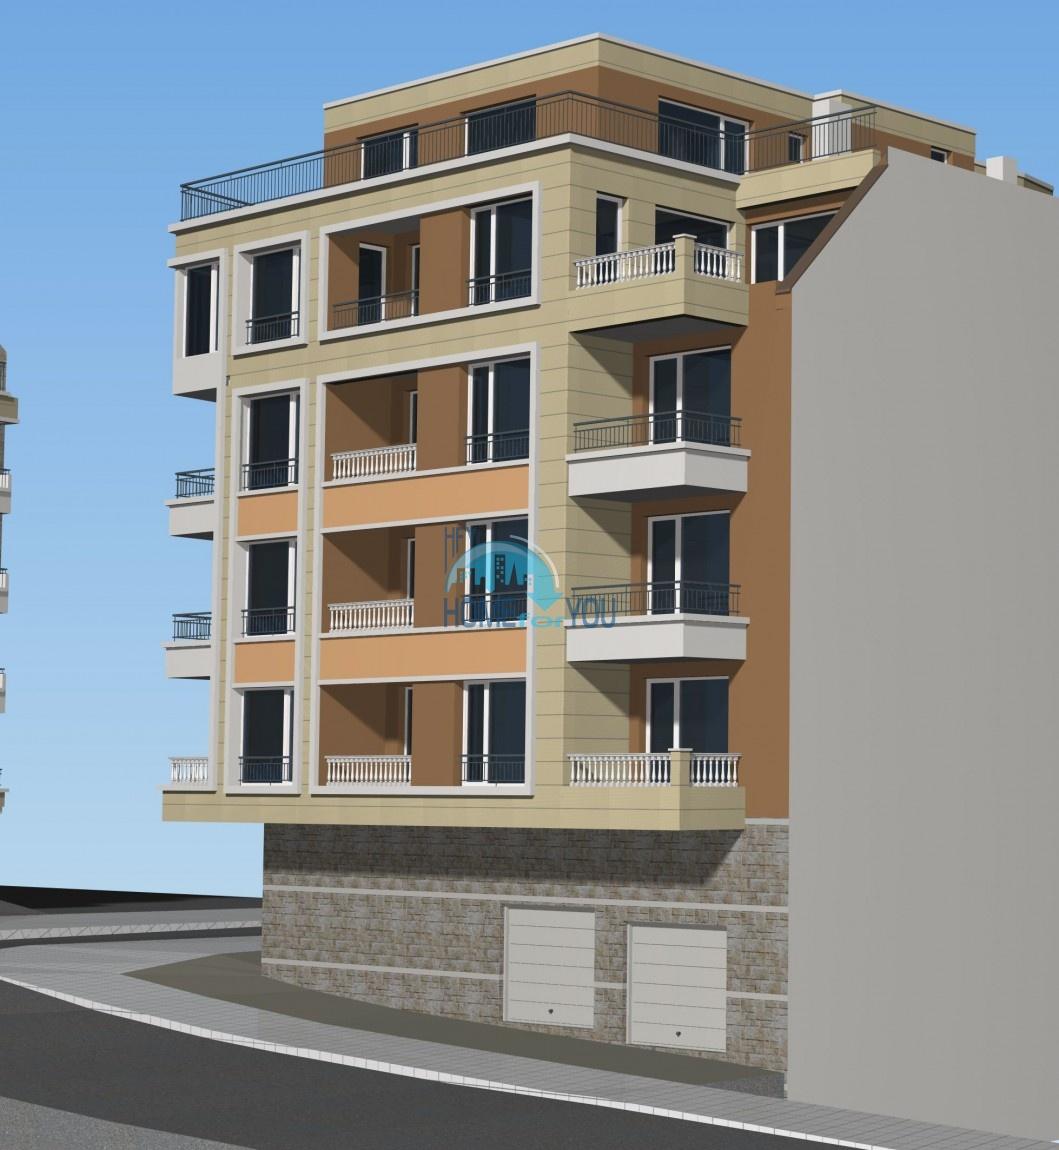 Новый жилой комплекс без таксы поддержки на первой линии моря в современном квартале Сарафово, город Бургас     4